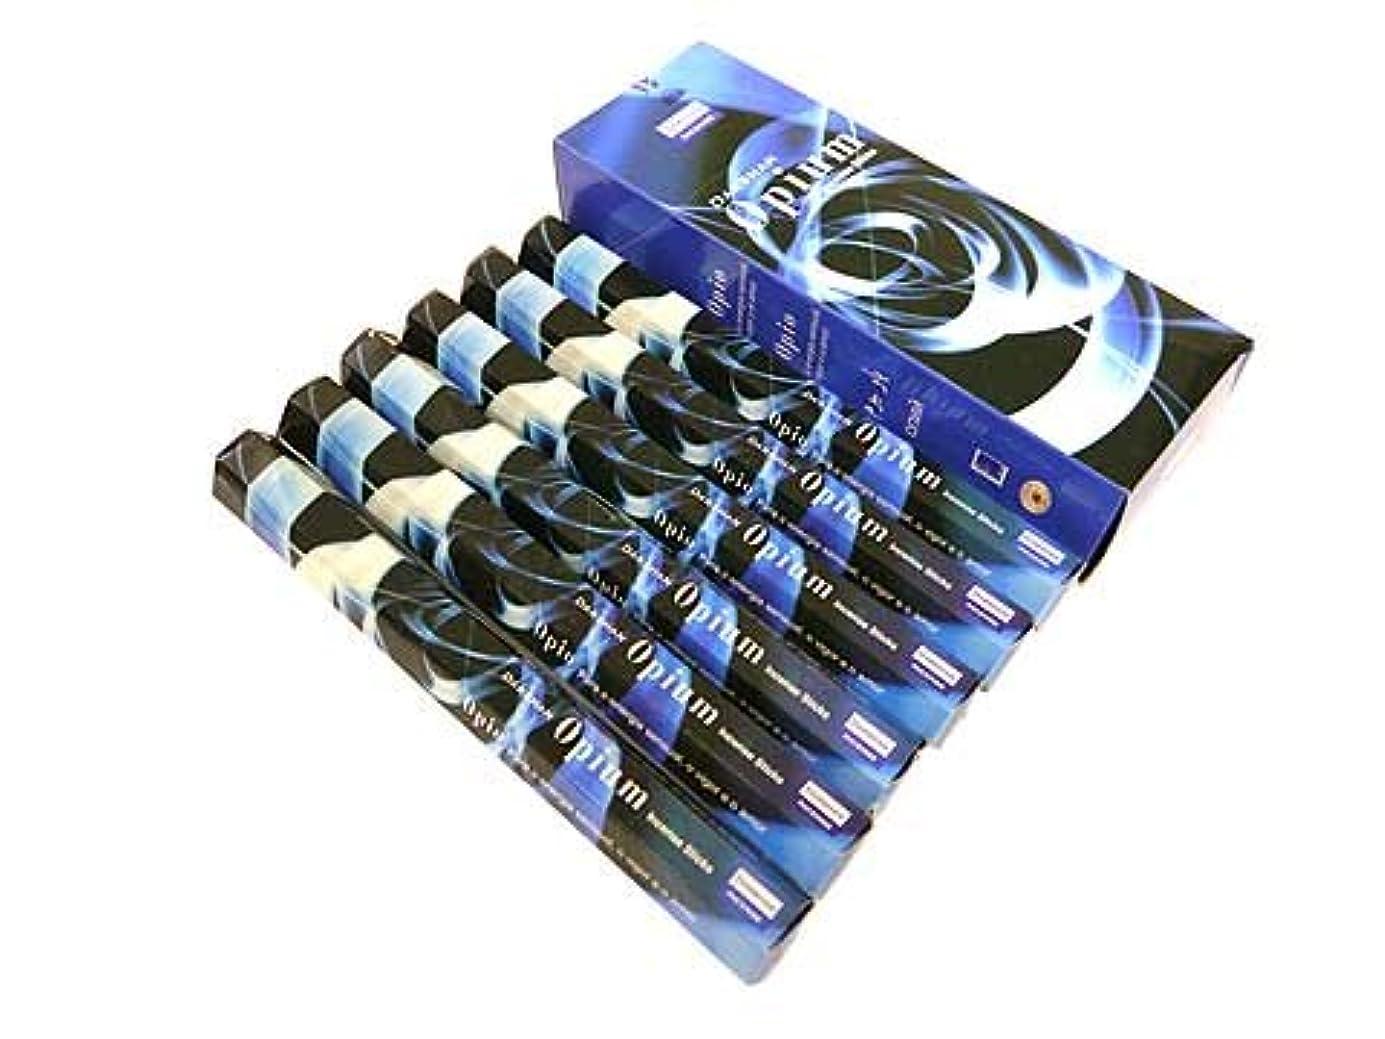 ピンチオーバードロー筋DARSHAN(ダルシャン) オピウム香 スティック OPIUM 6箱セット